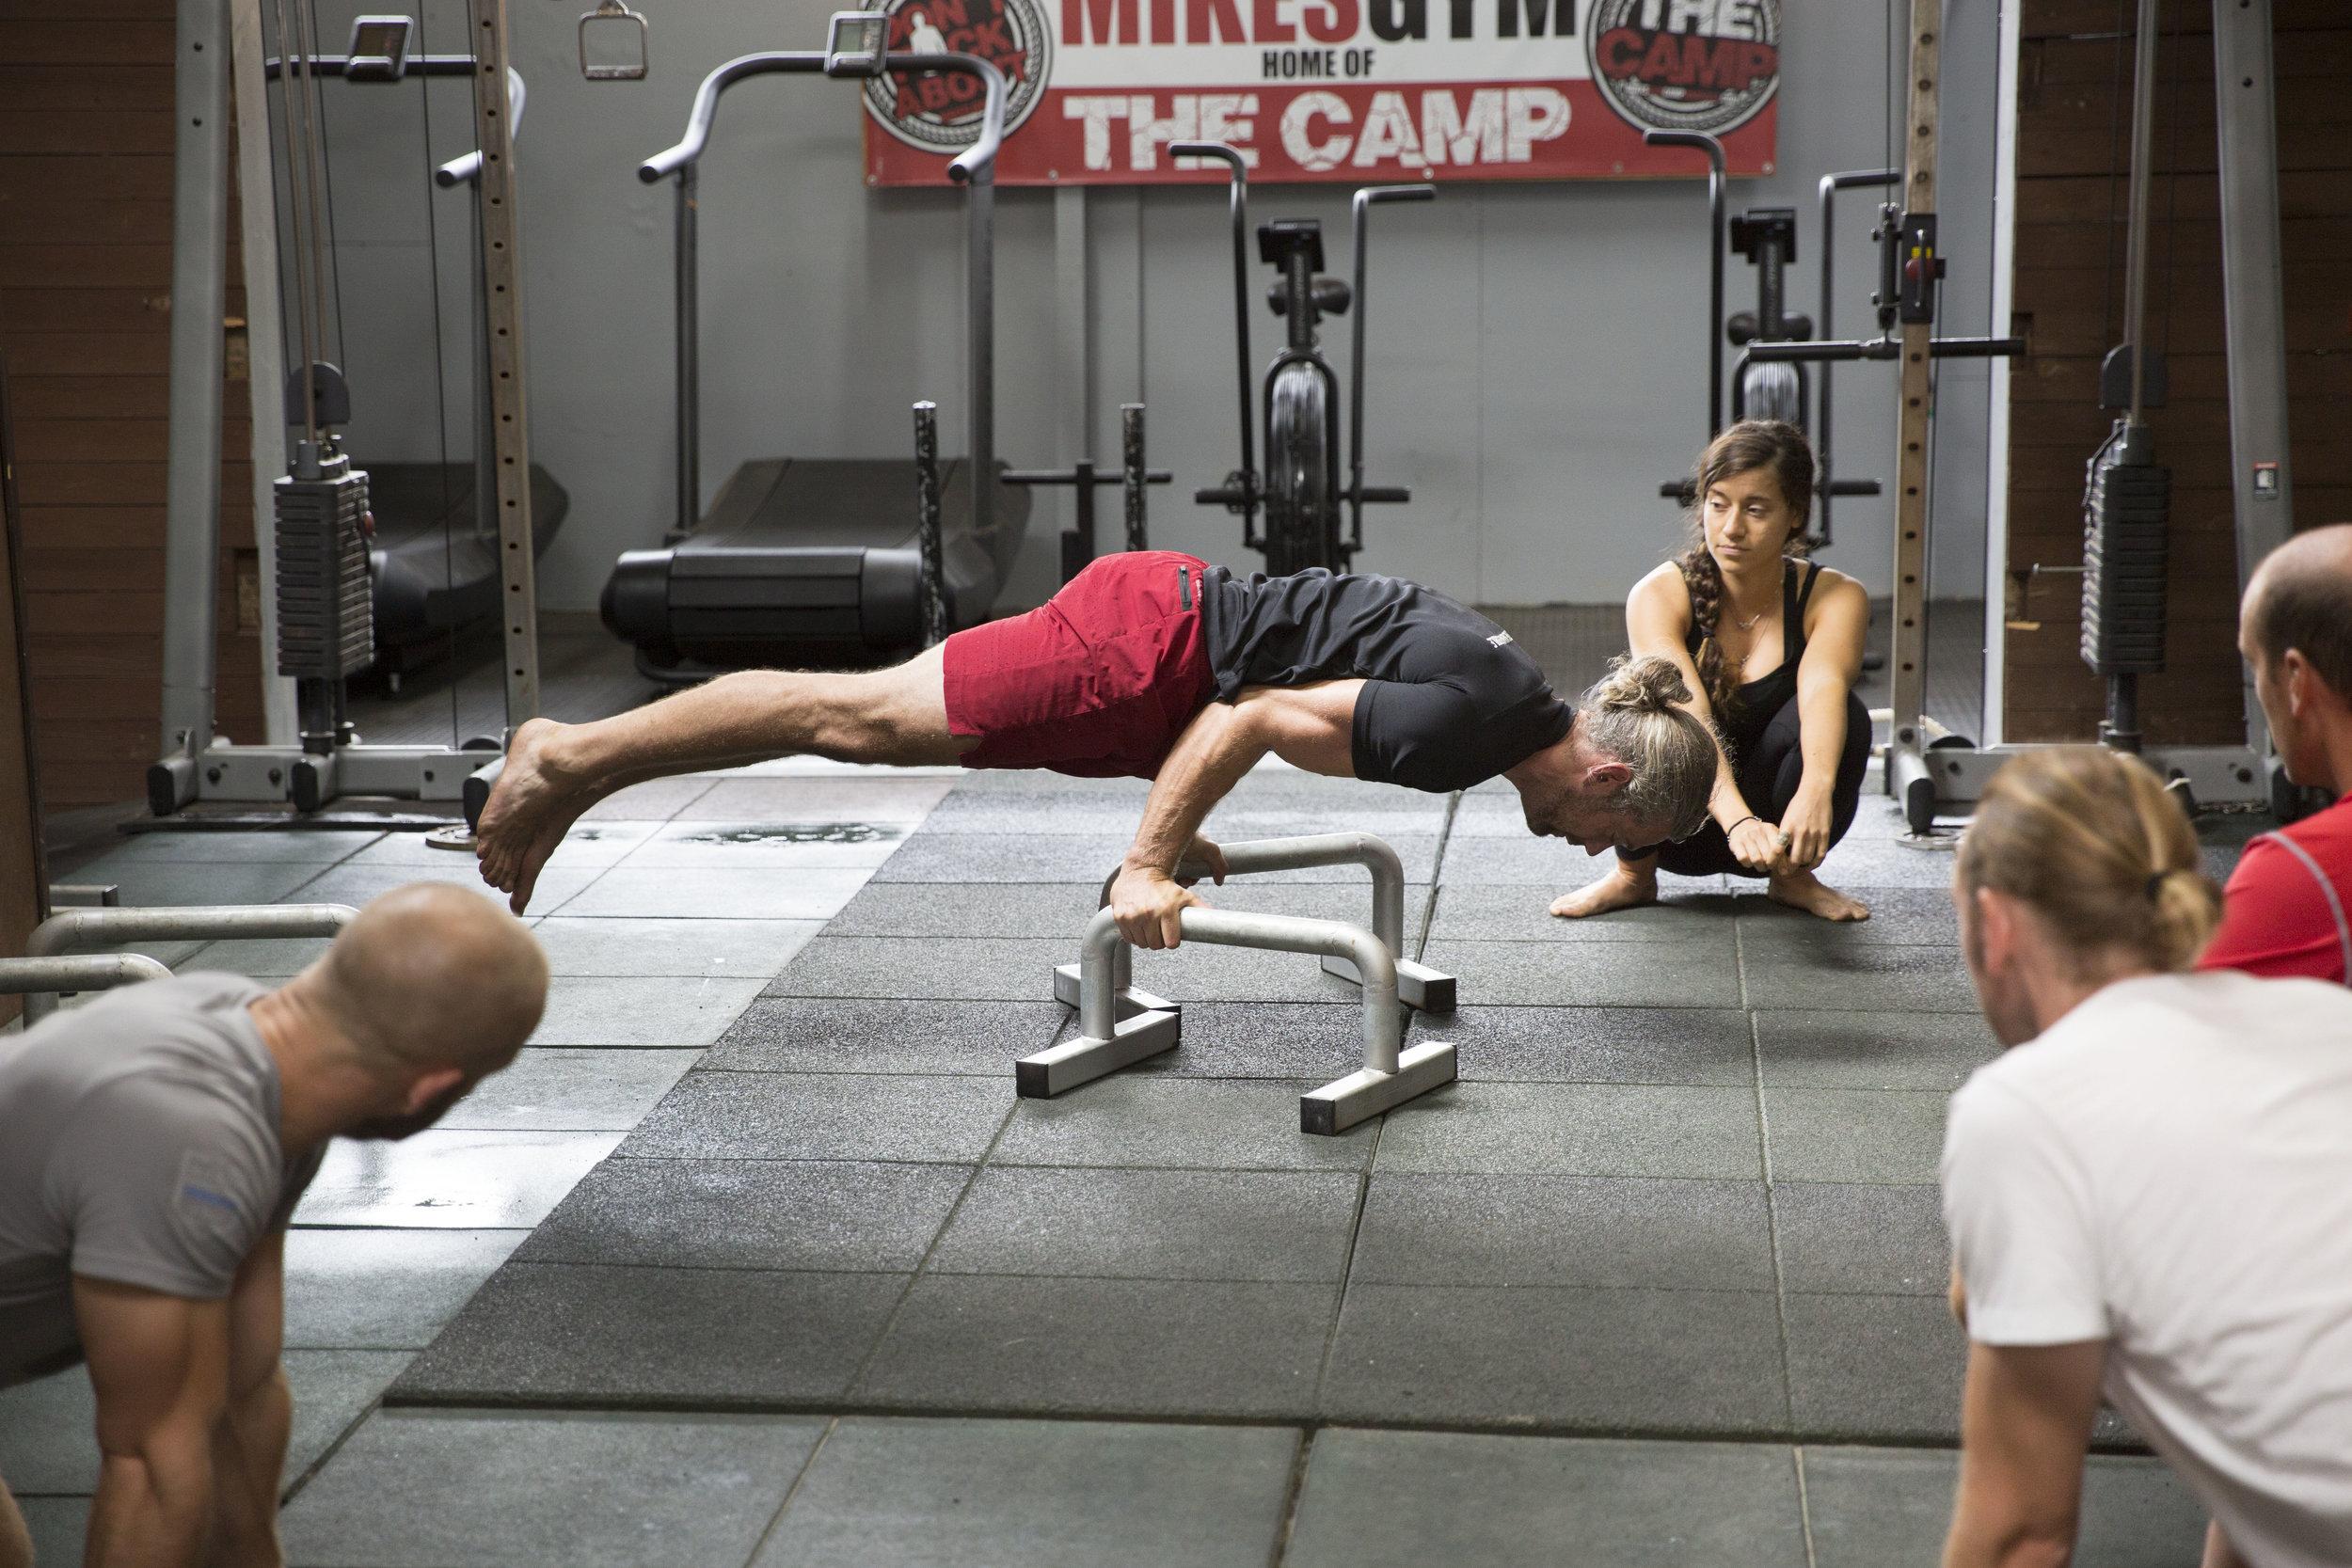 strength-play-workshop-2-5hrs-crossfit-lineside-west-sussex.jpg